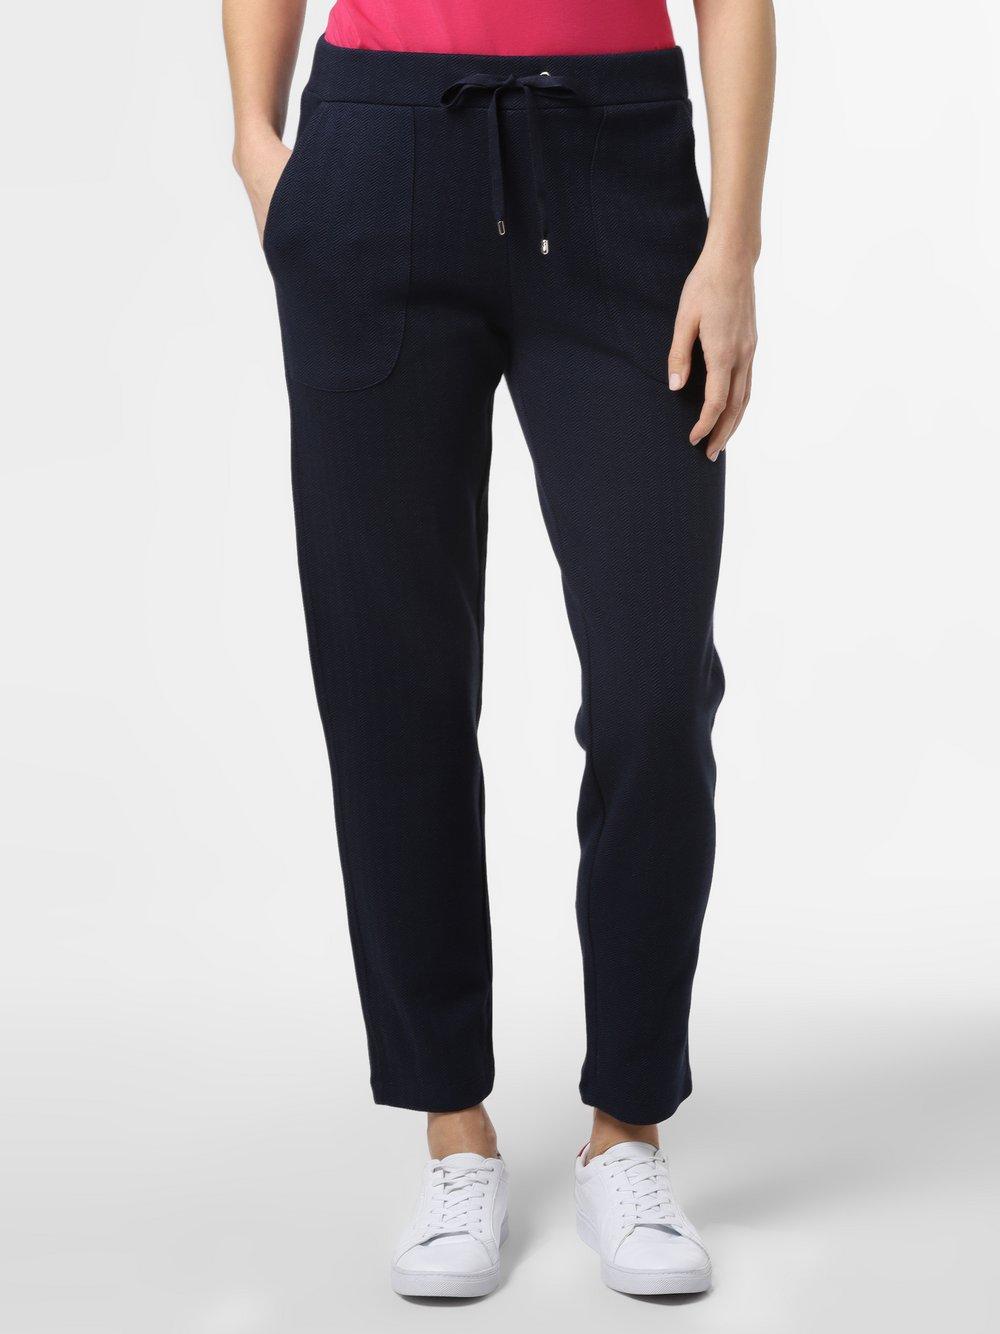 Franco Callegari - Damskie spodnie dresowe z dodatkiem lnu, niebieski